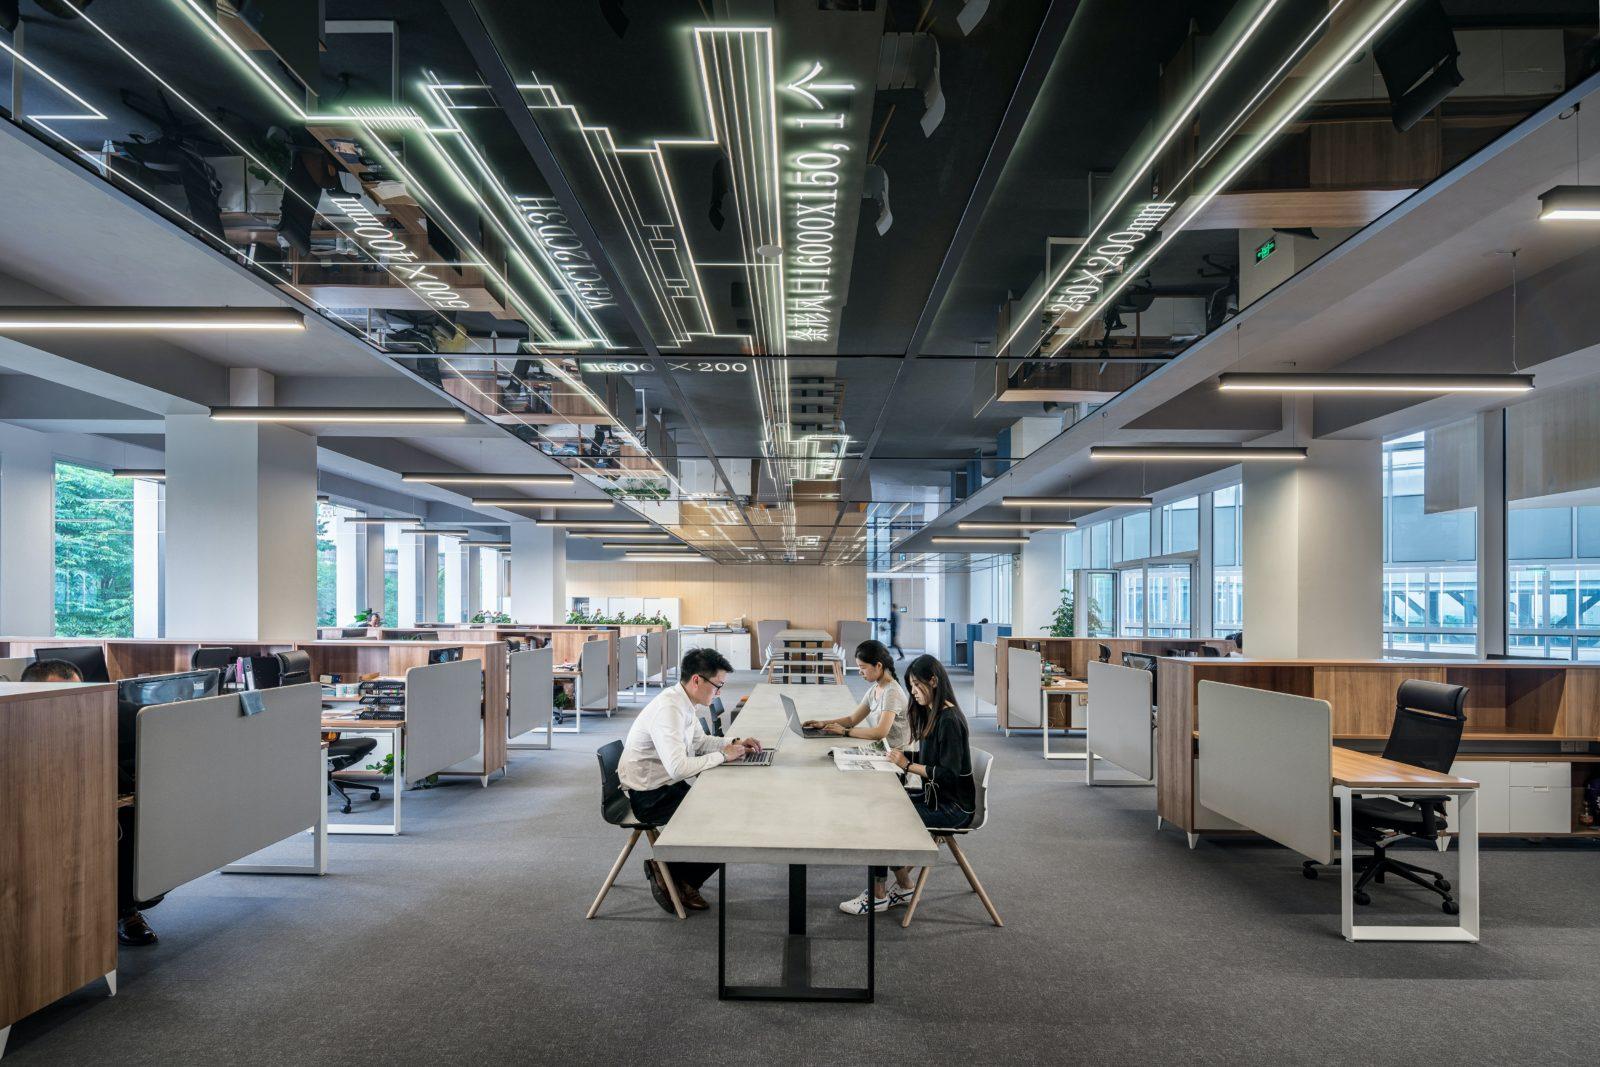 Biuro – jak miejsce wpływa na wydajność pracowników